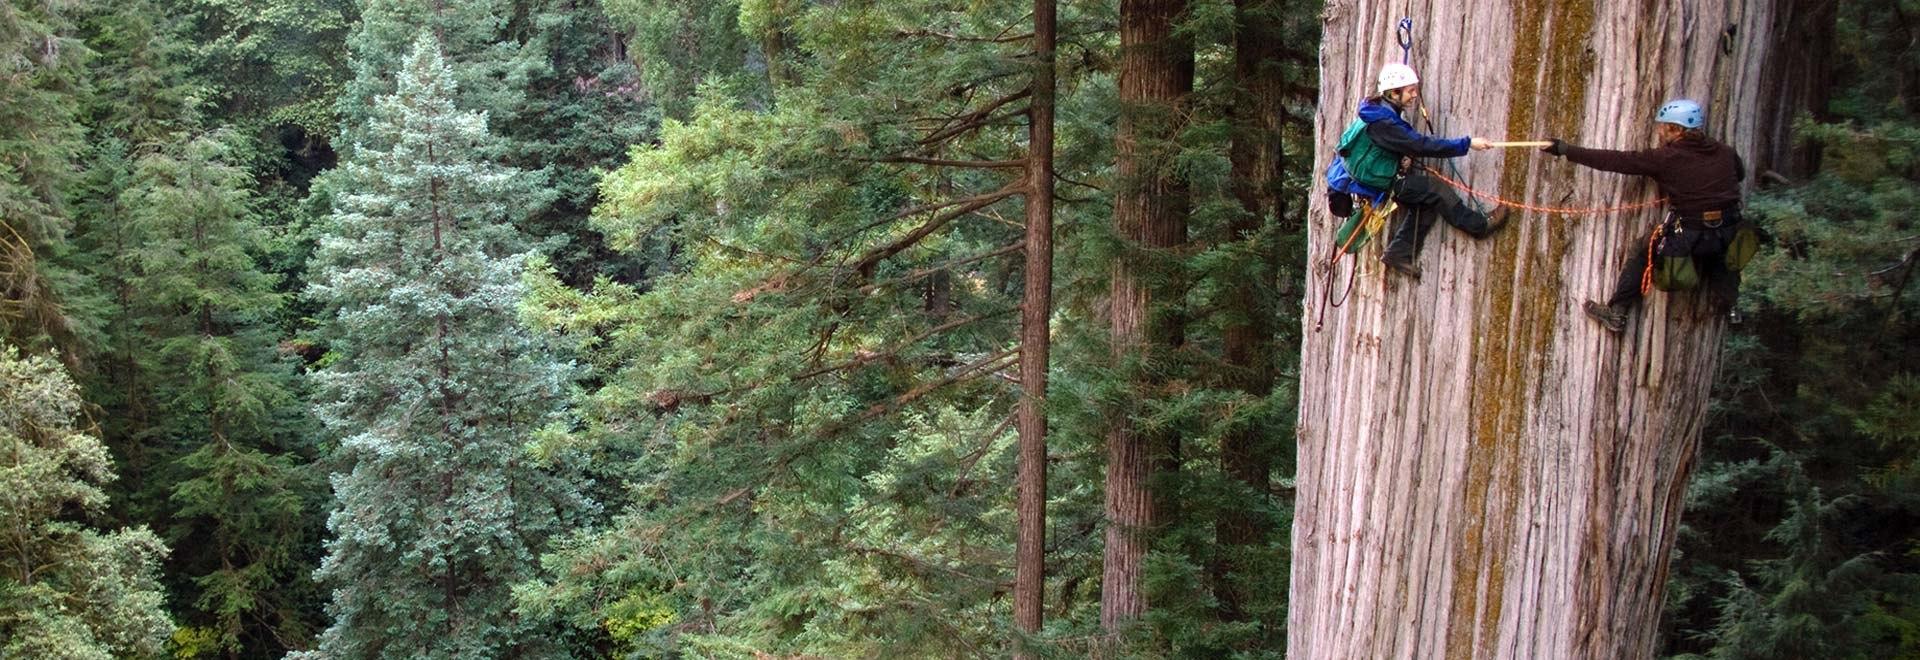 Sequoie giganti: gli alberi più alti del mondo